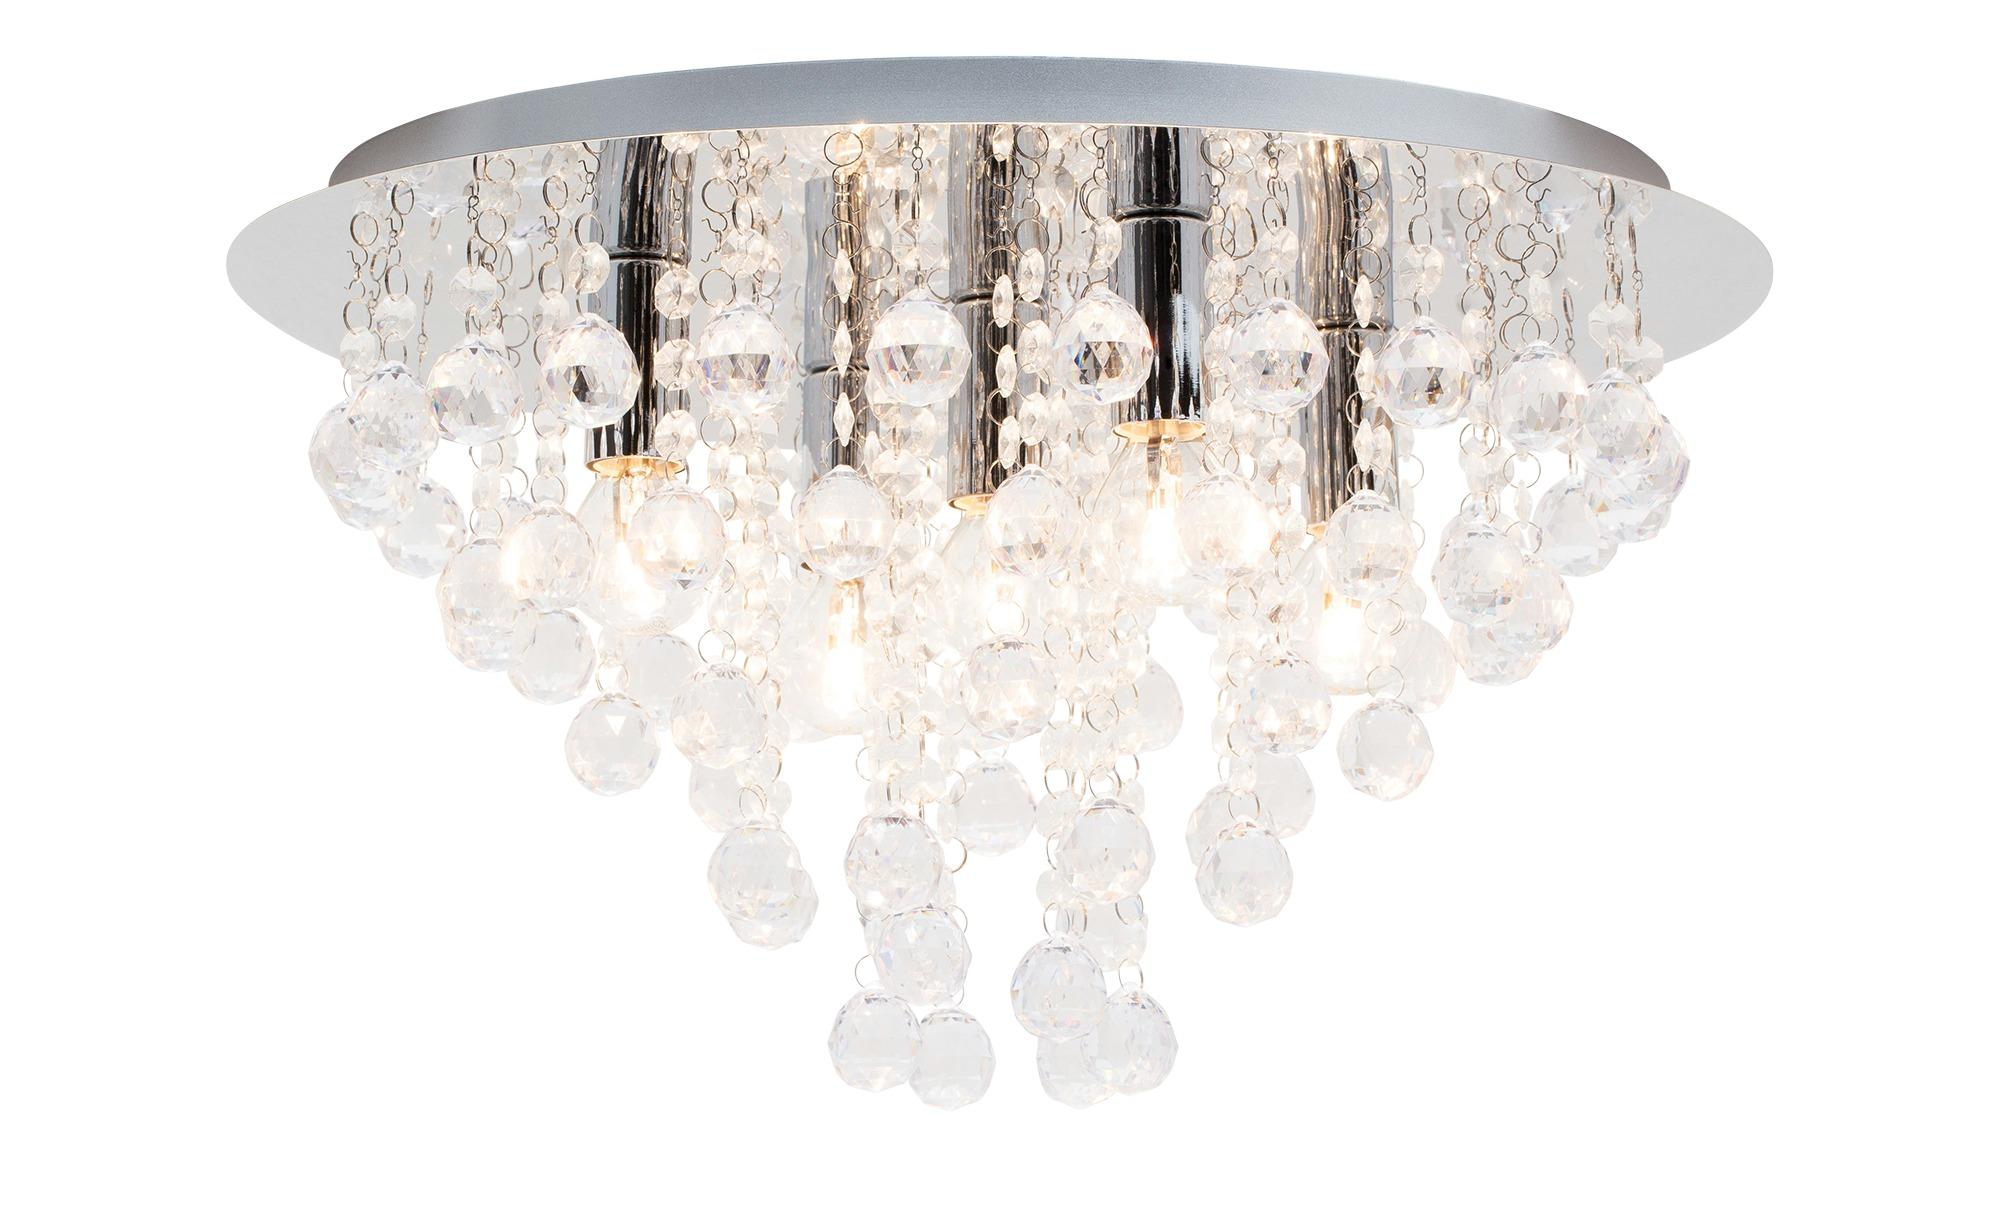 Deckenleuchte rund mit Glaselementen ¦ silber ¦ Maße (cm): H: 22 Ø: 46 Lampen & Leuchten > Innenleuchten > Deckenleuchten - Höffner